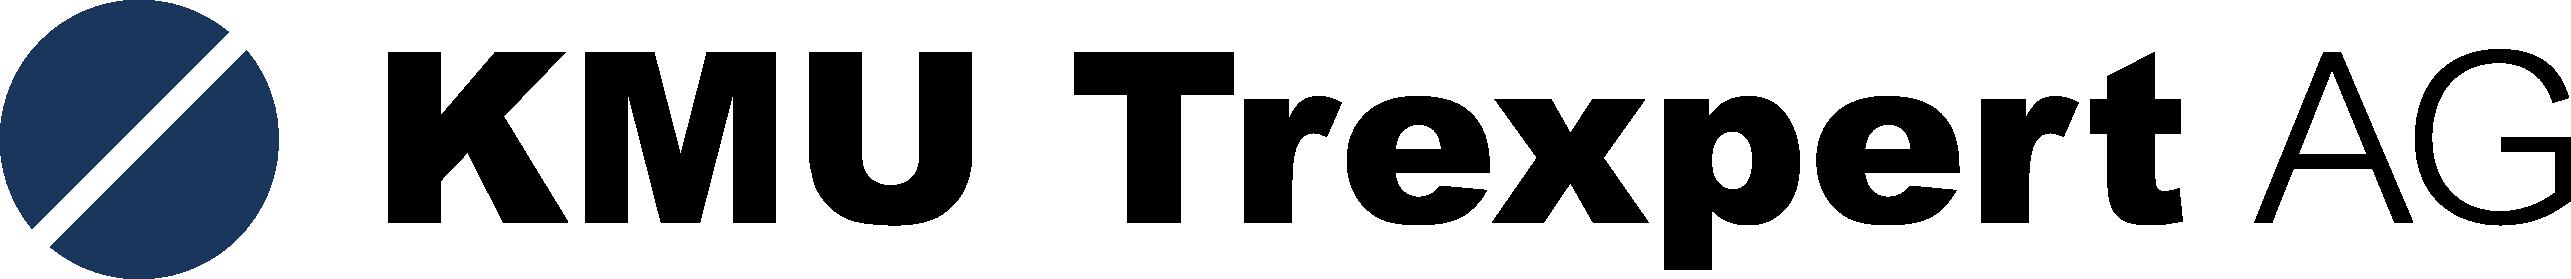 KMU Trexpert AG